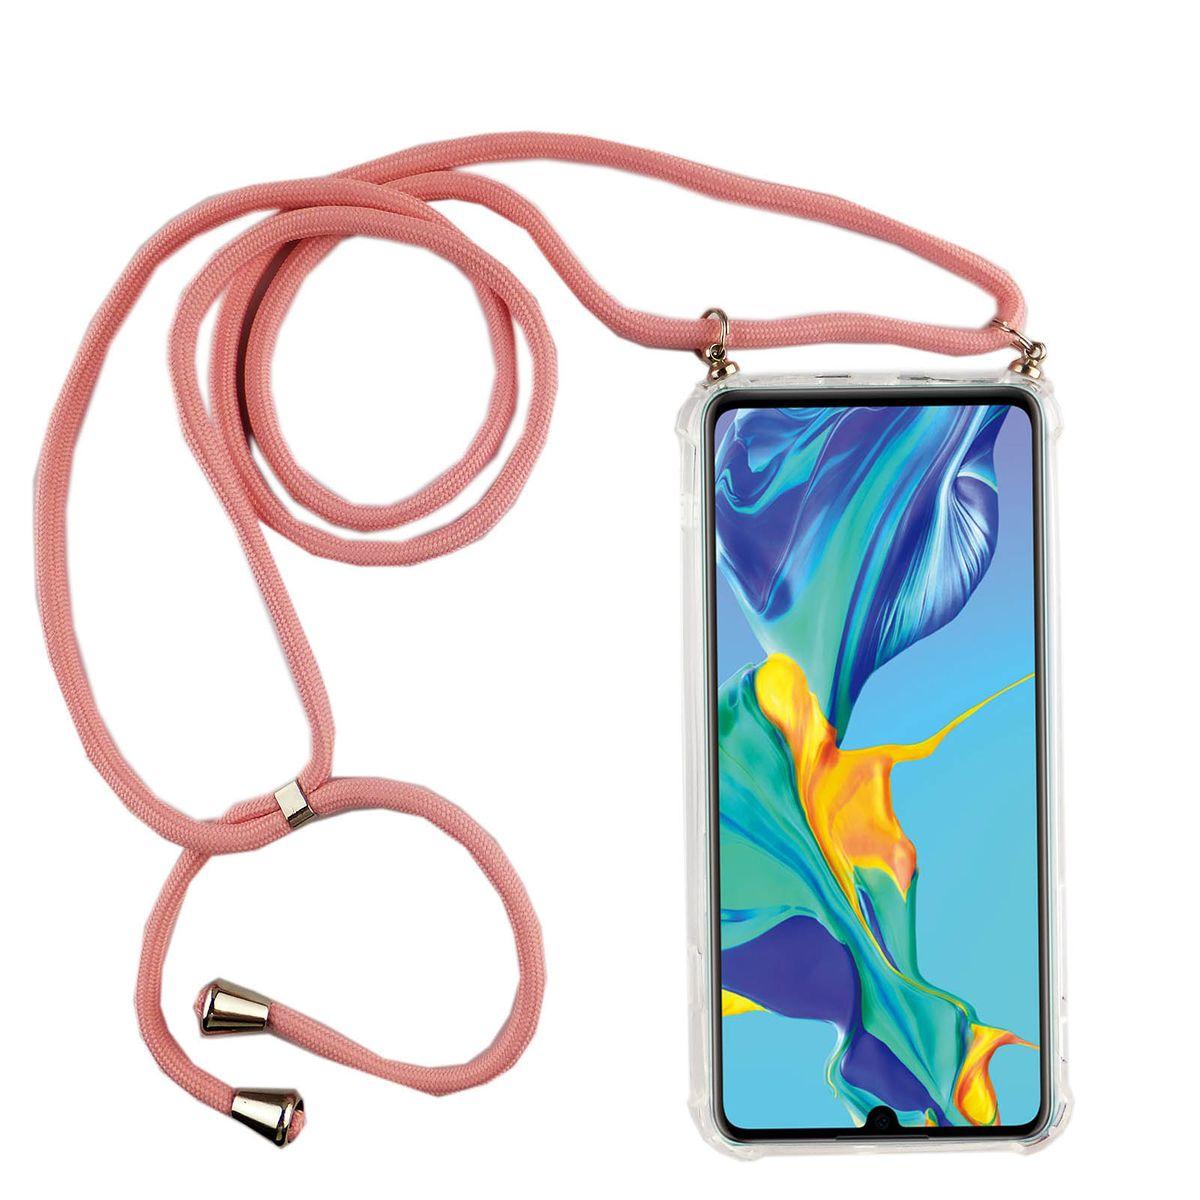 Handykette für Huawei P30 lite New Edition - Smartphone Necklace Hülle mit Band - Schnur mit Case zum umhängen in Rosa